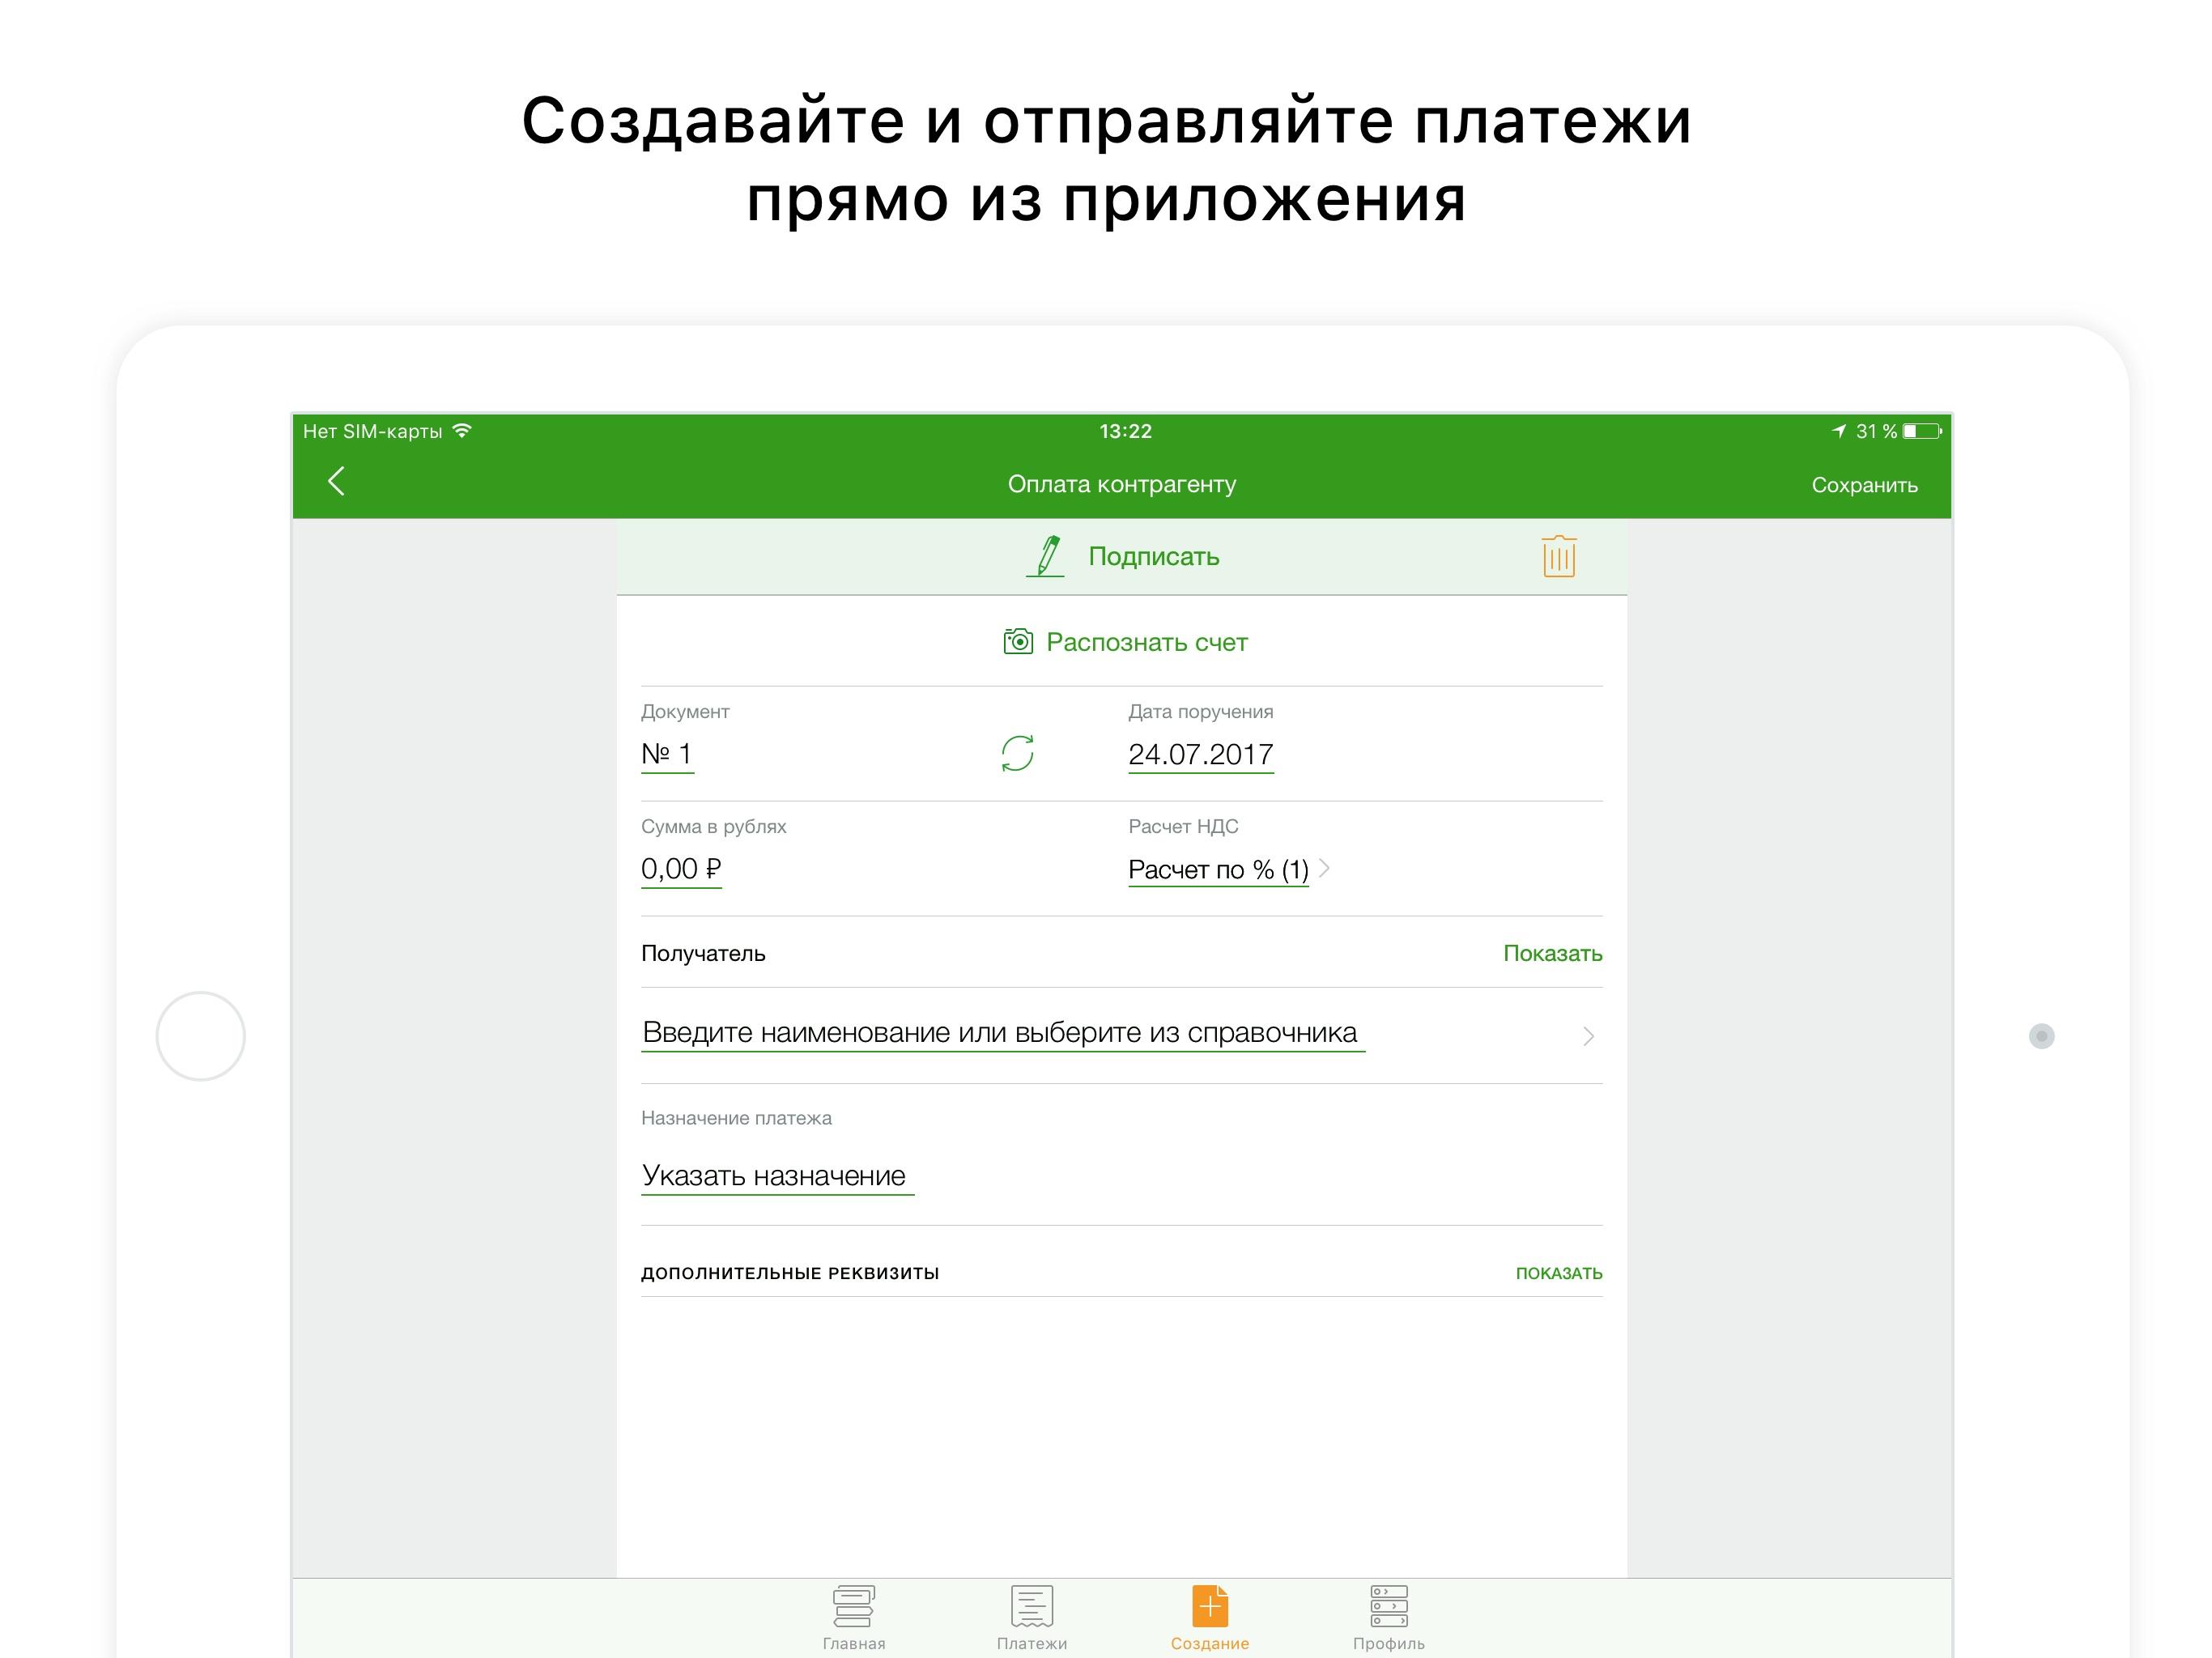 Сбербанк Бизнес Онлайн (iPad) Screenshot